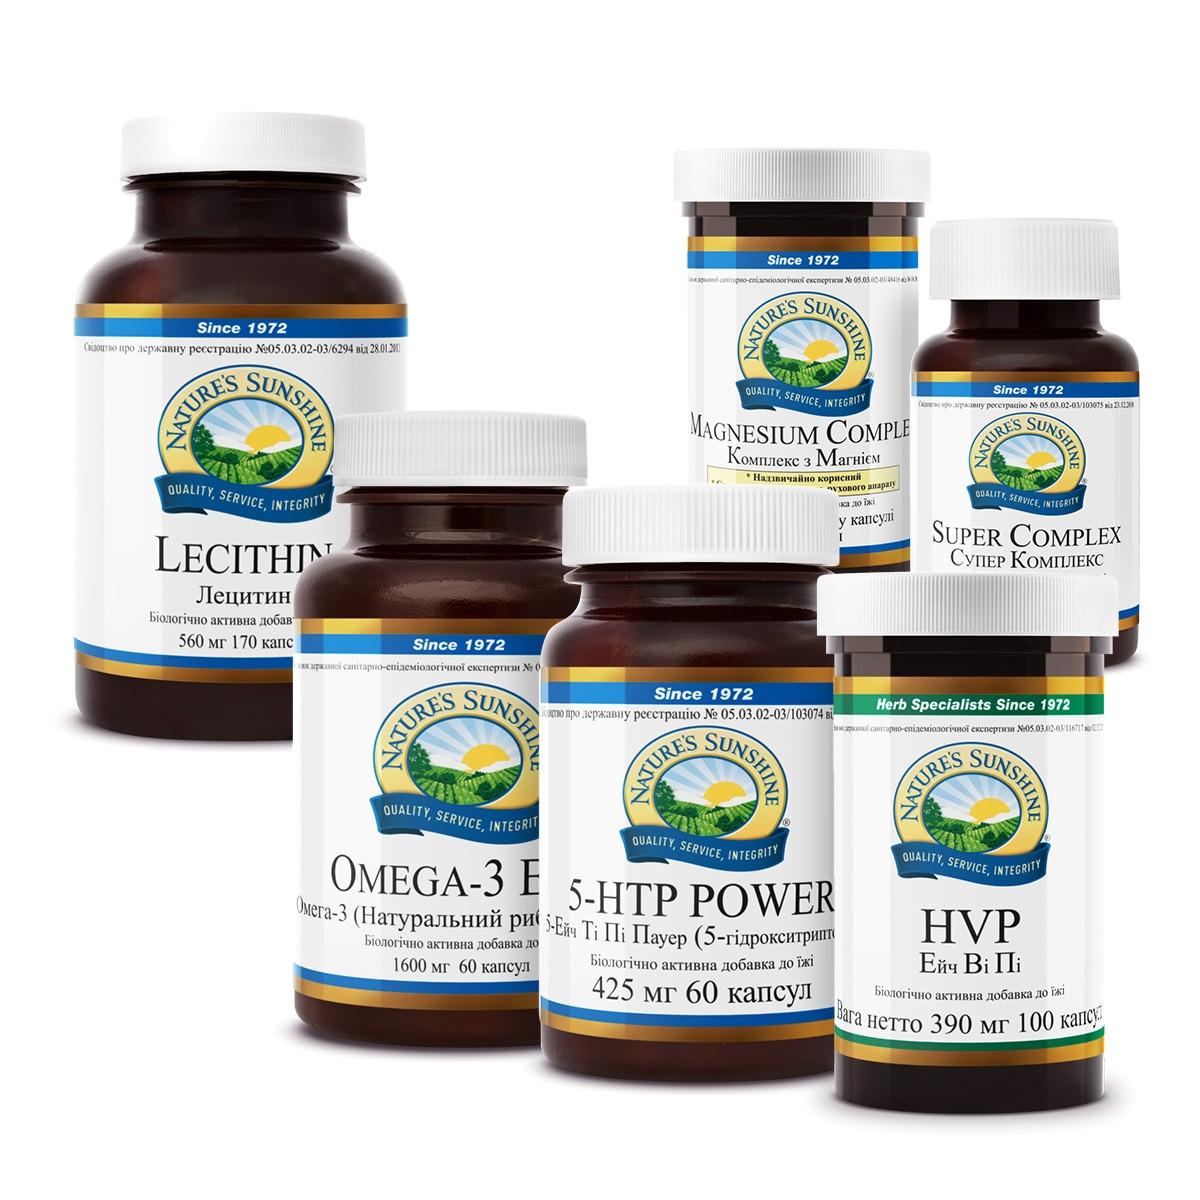 """Витамины для нервной системы - Набор """"Антистресс"""" БАДы НСП  антидепрессанты нового поколения."""